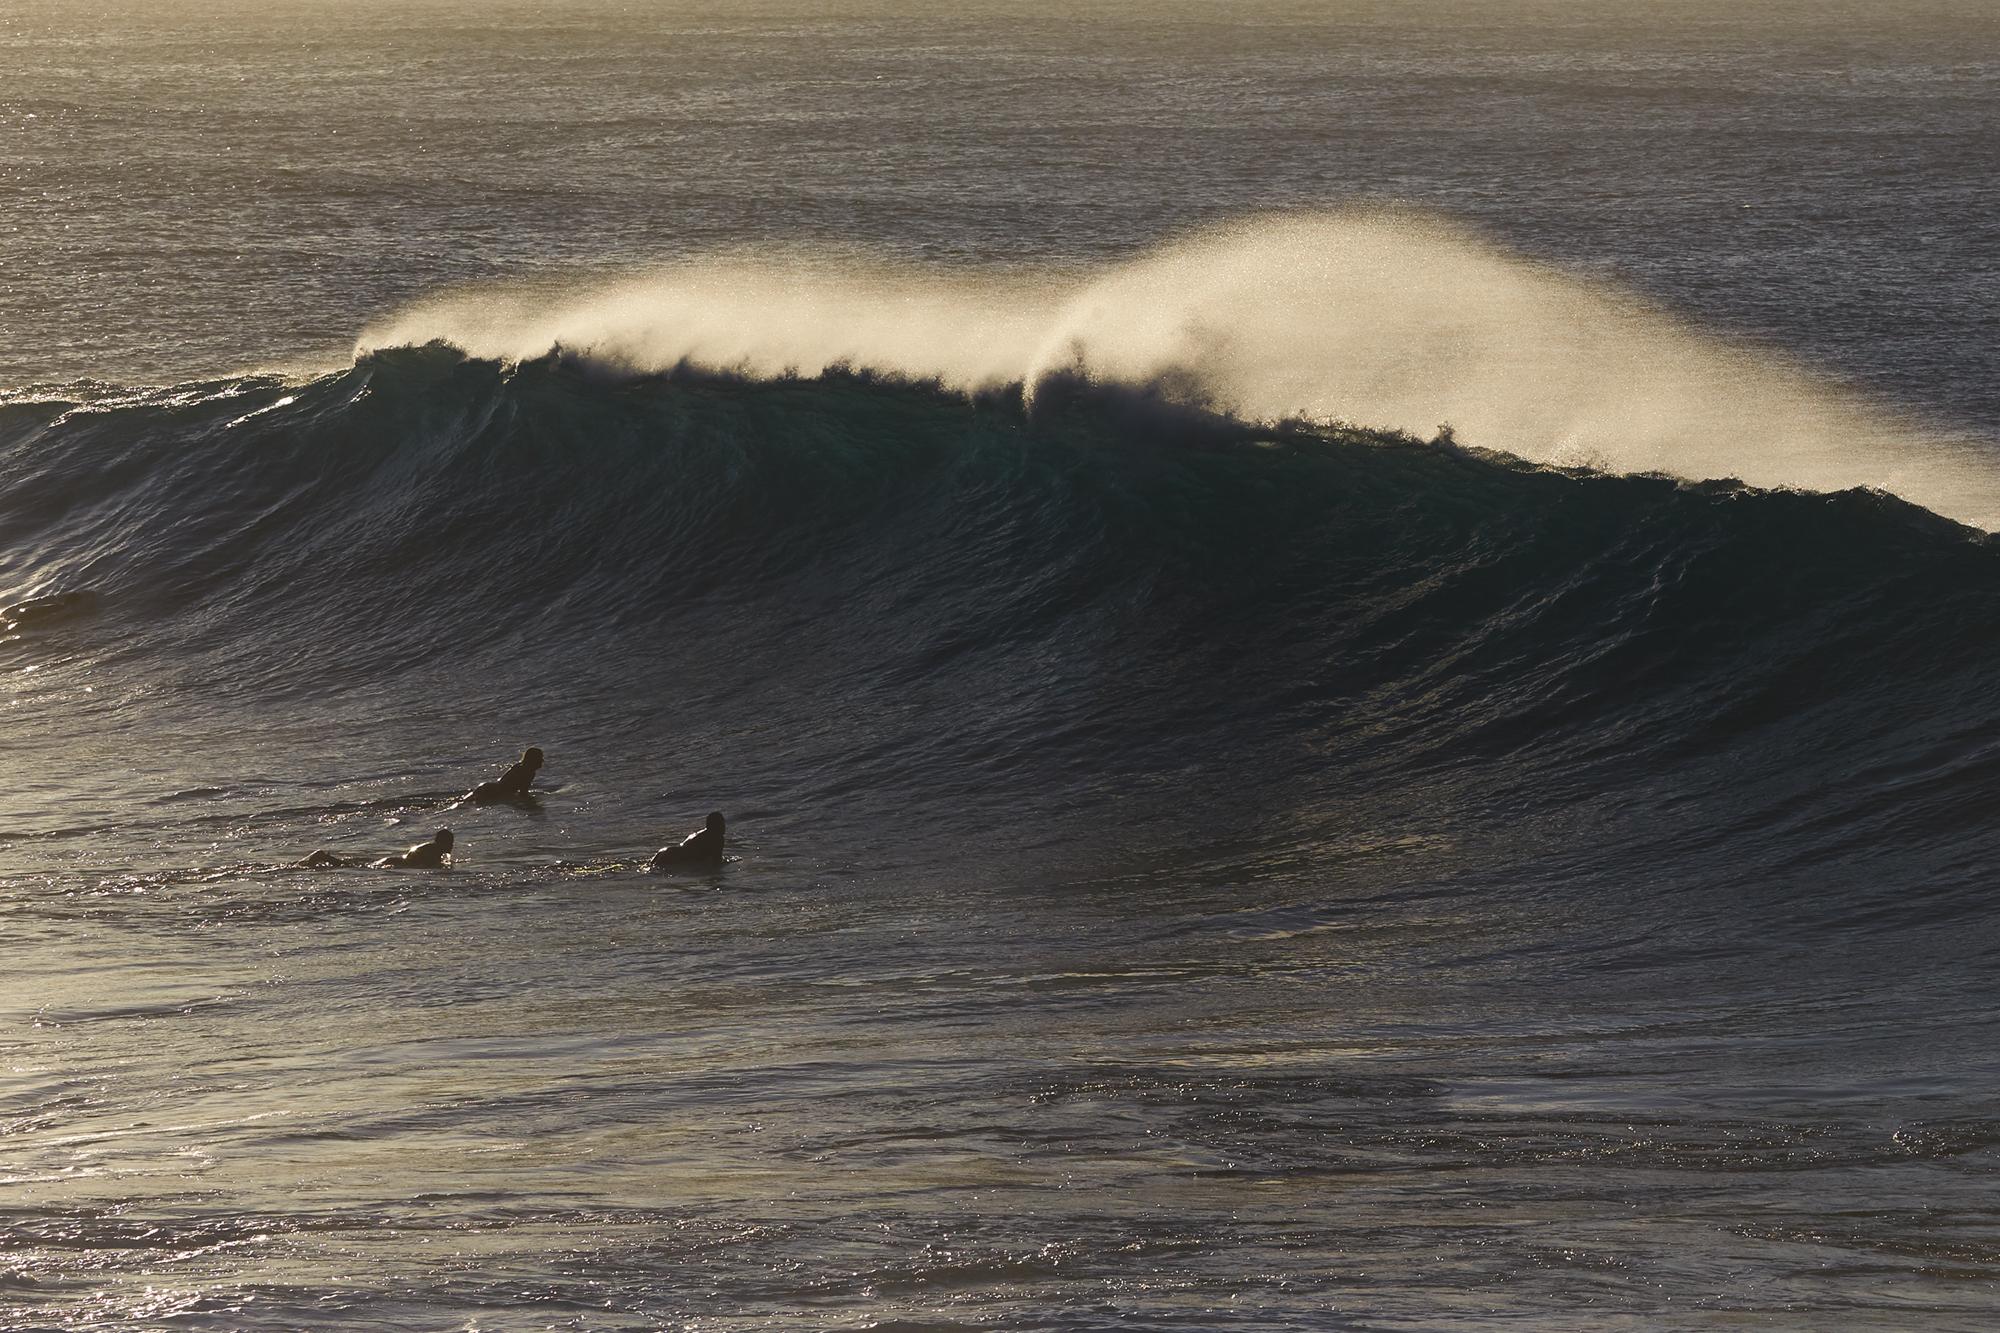 Waves in Bronte